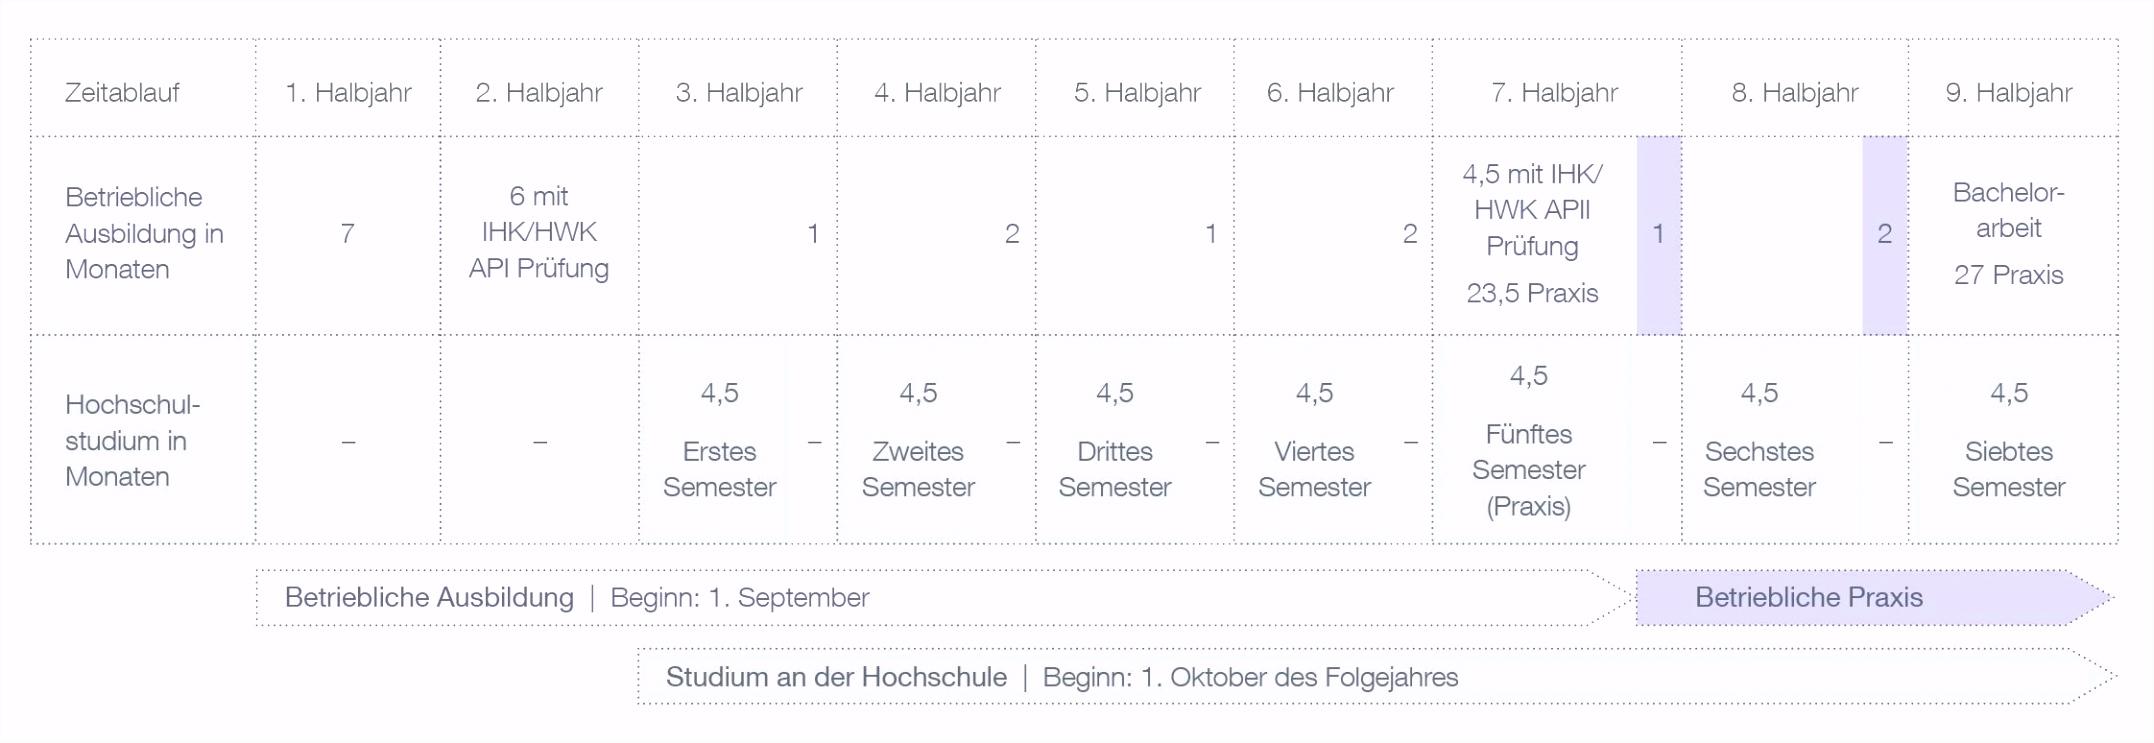 Paket Etikett Vorlage Bewerbungs Paket Bauzeichner Muster Zum Download D8yk55zkf8 I6qfs6ylks